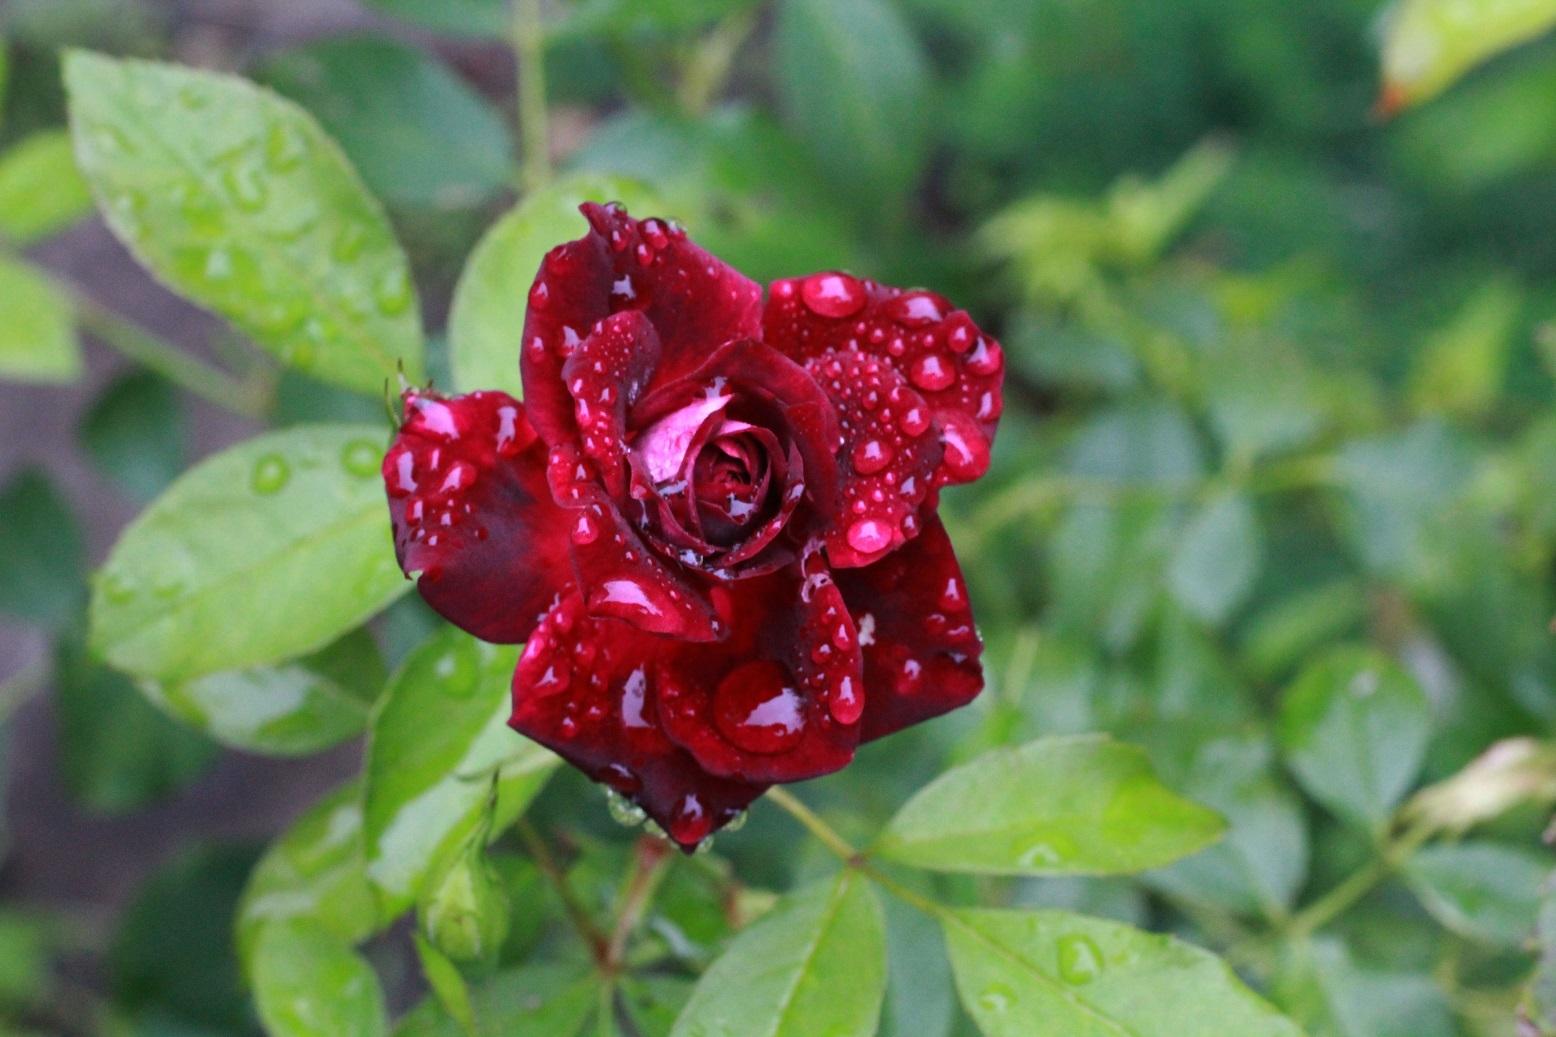 雨に濡れたバーガンディ―アイスバーグ_a0107574_16144957.jpg